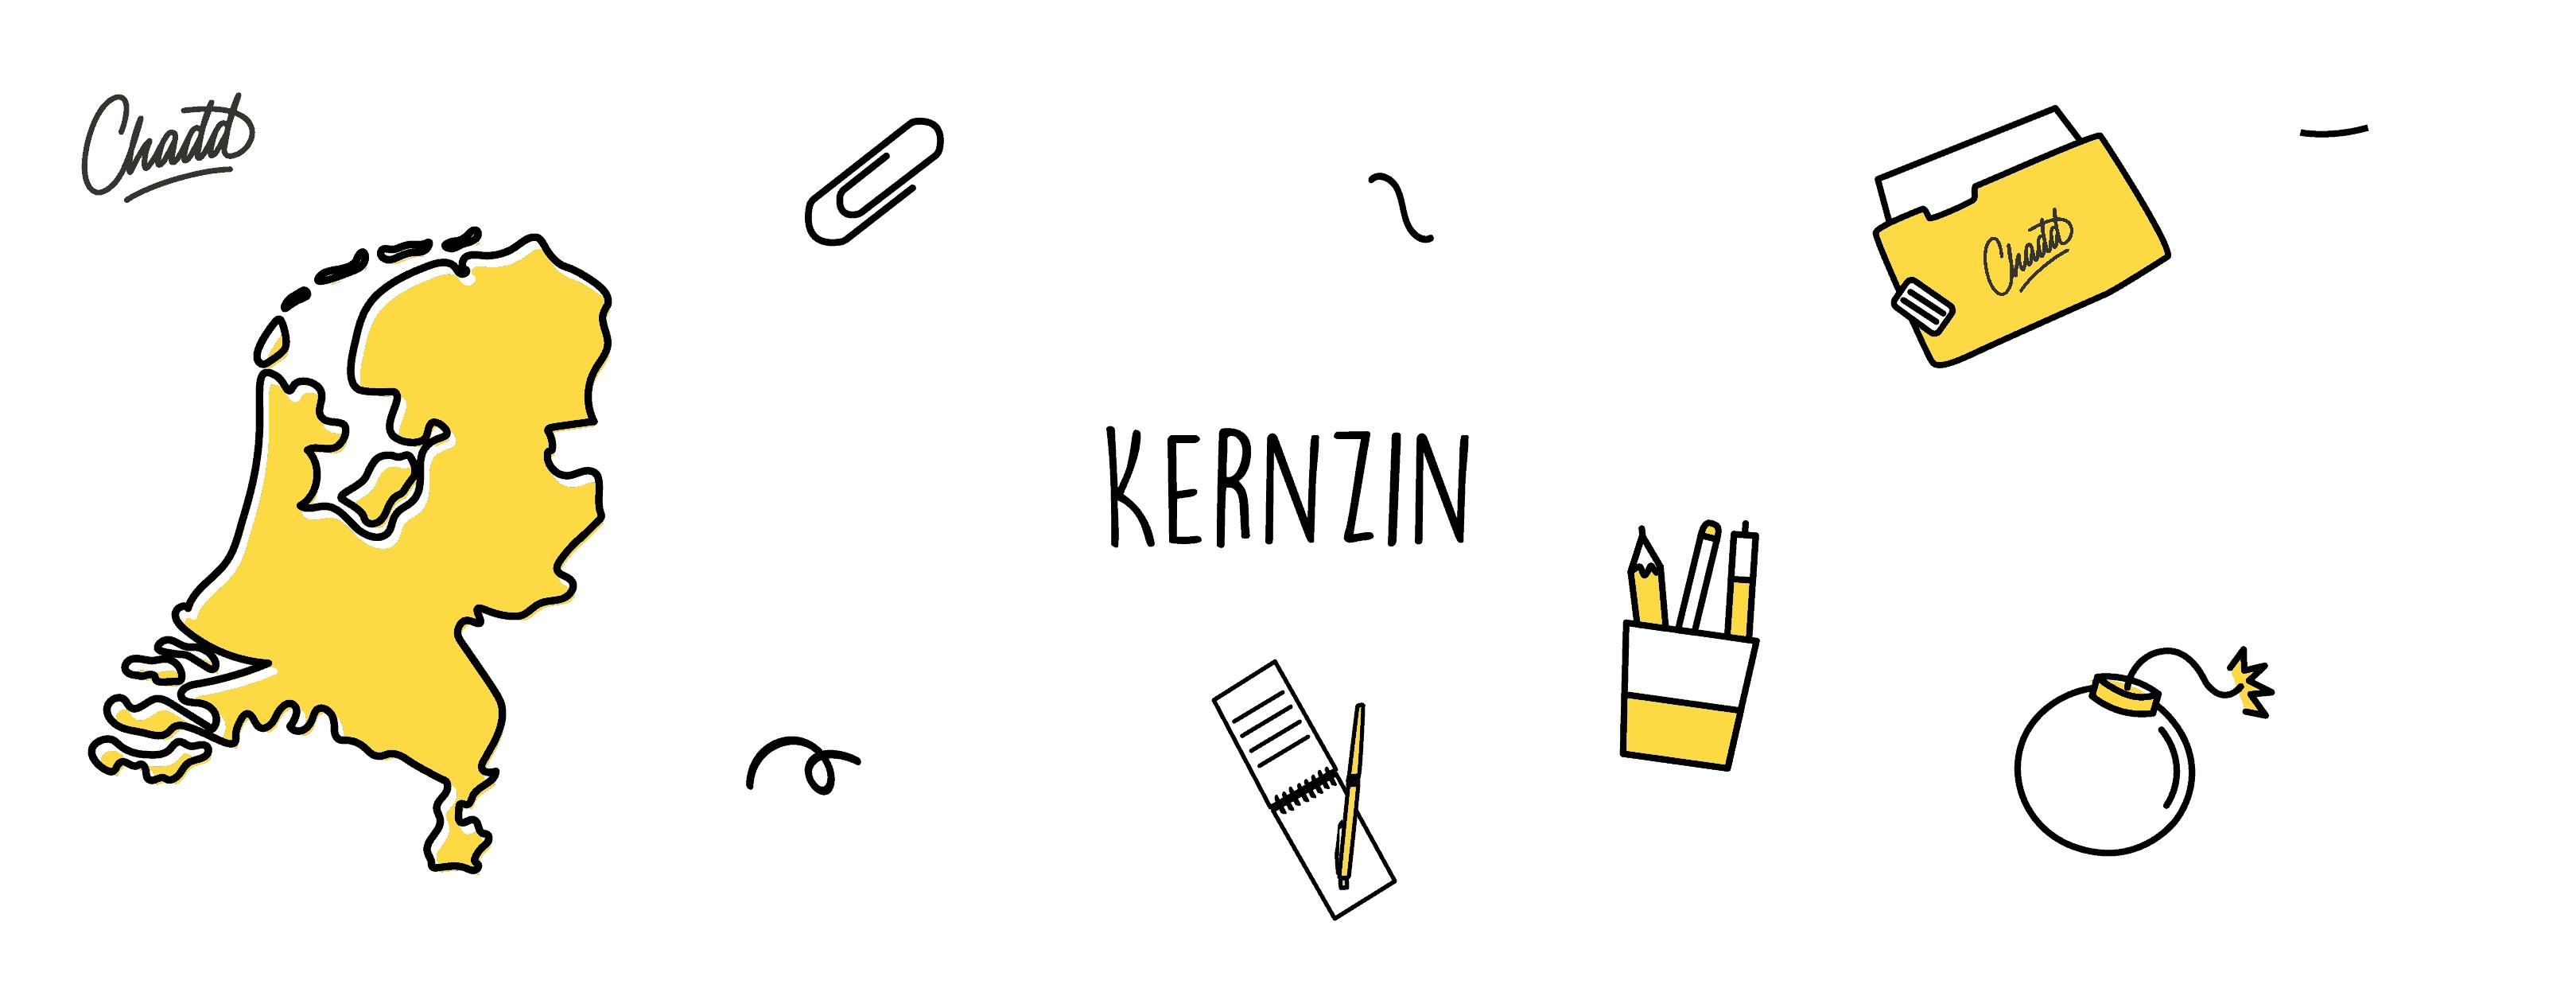 kernzin